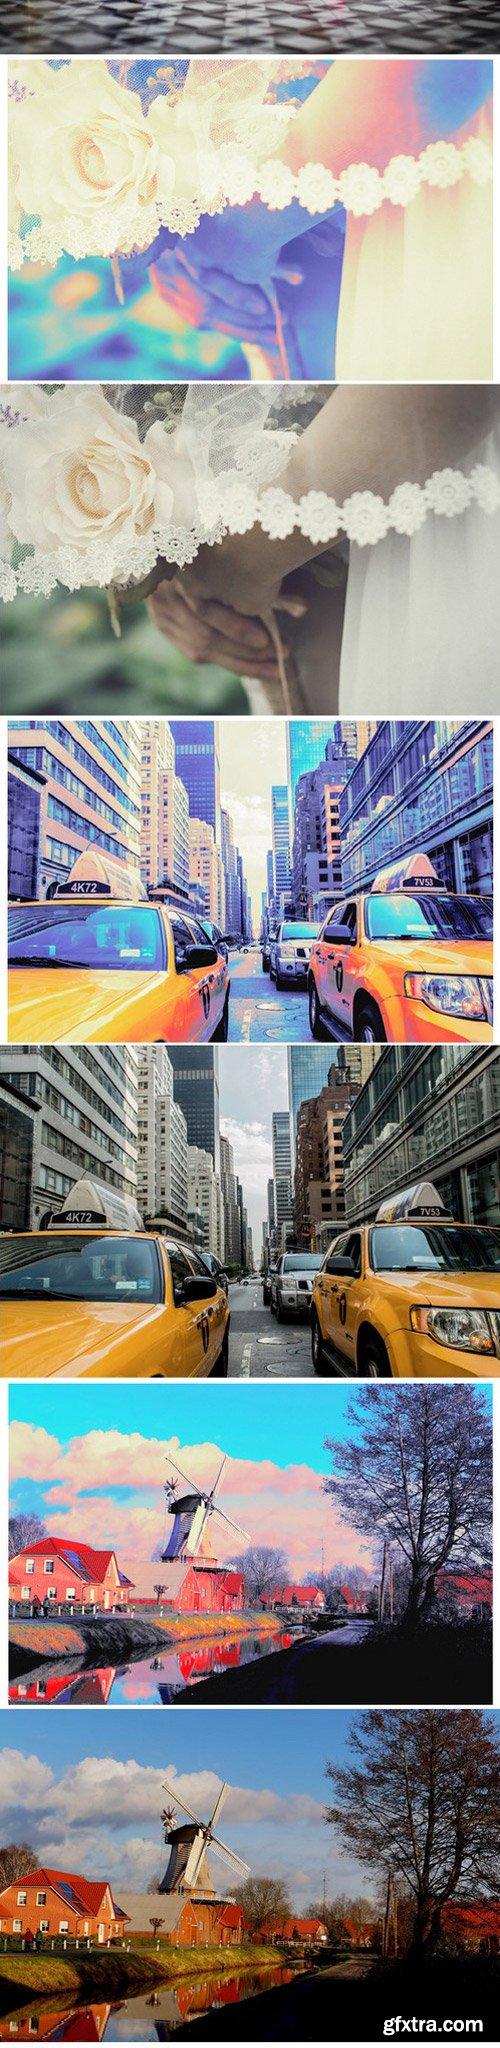 GraphicRiver - 11782325 Neon Photo Effect